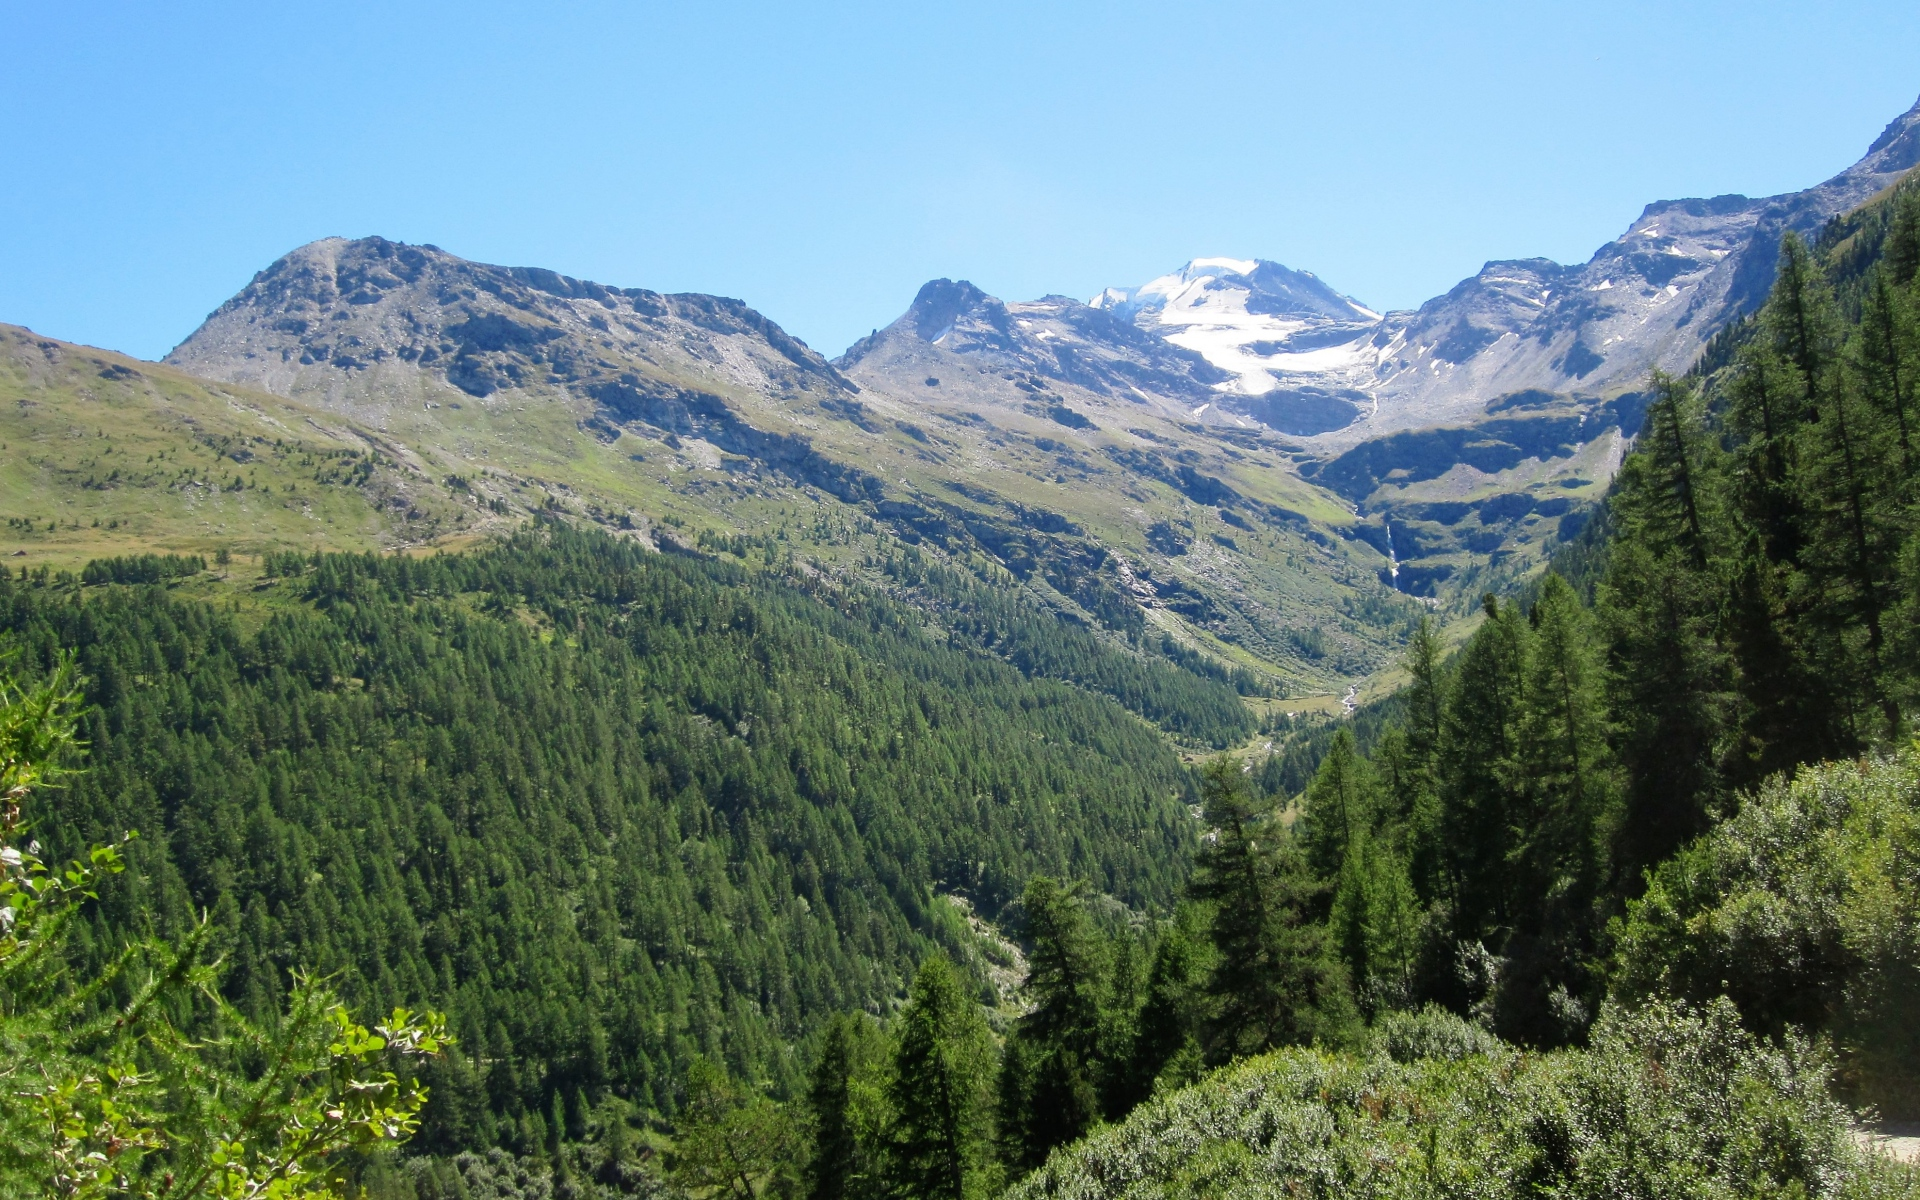 Картинки Швейцария, Альпы, горы, деревья фото и обои на рабочий стол